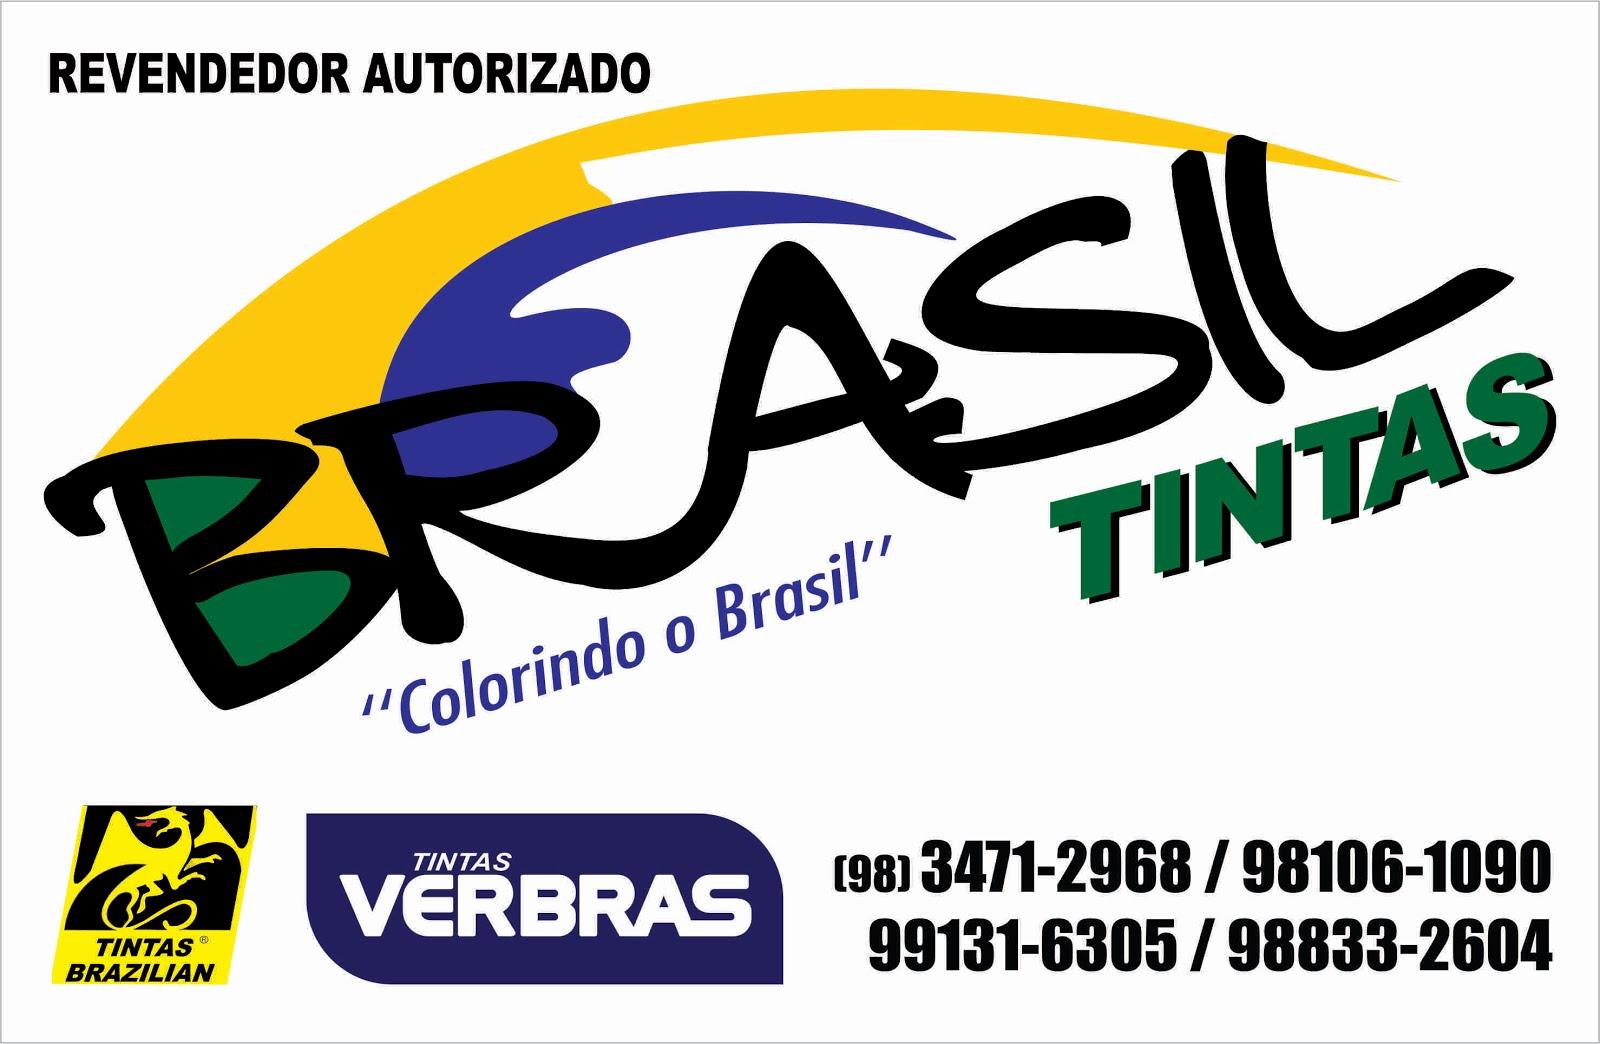 EM CHAPADINHA, BRASIL TINTAS